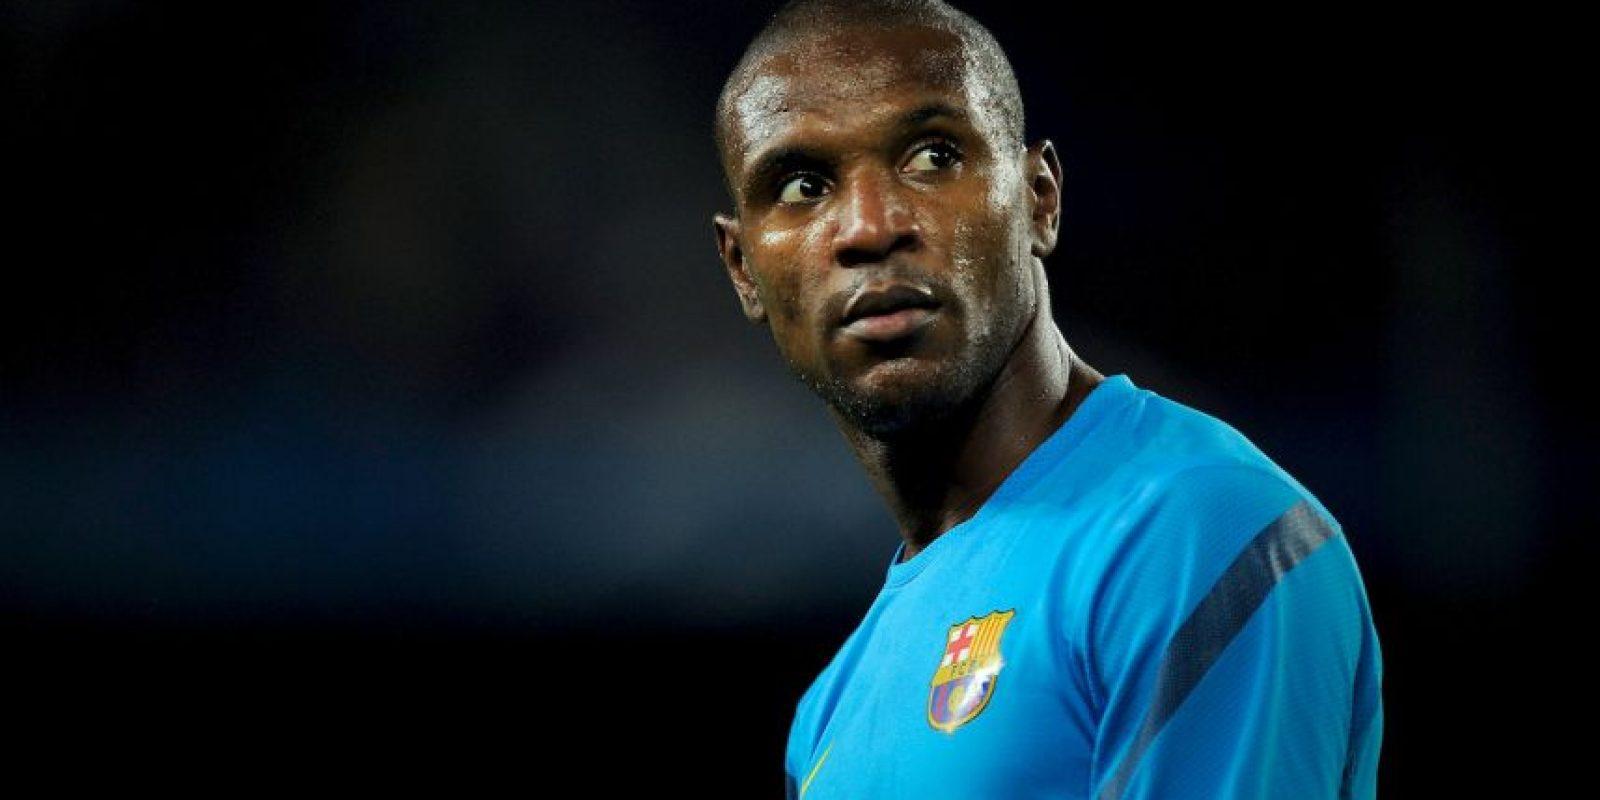 En 2014, firmó con el Olympiacos y en diciembre de ese año, anunció su retiro de las canchas. Foto:Getty Images